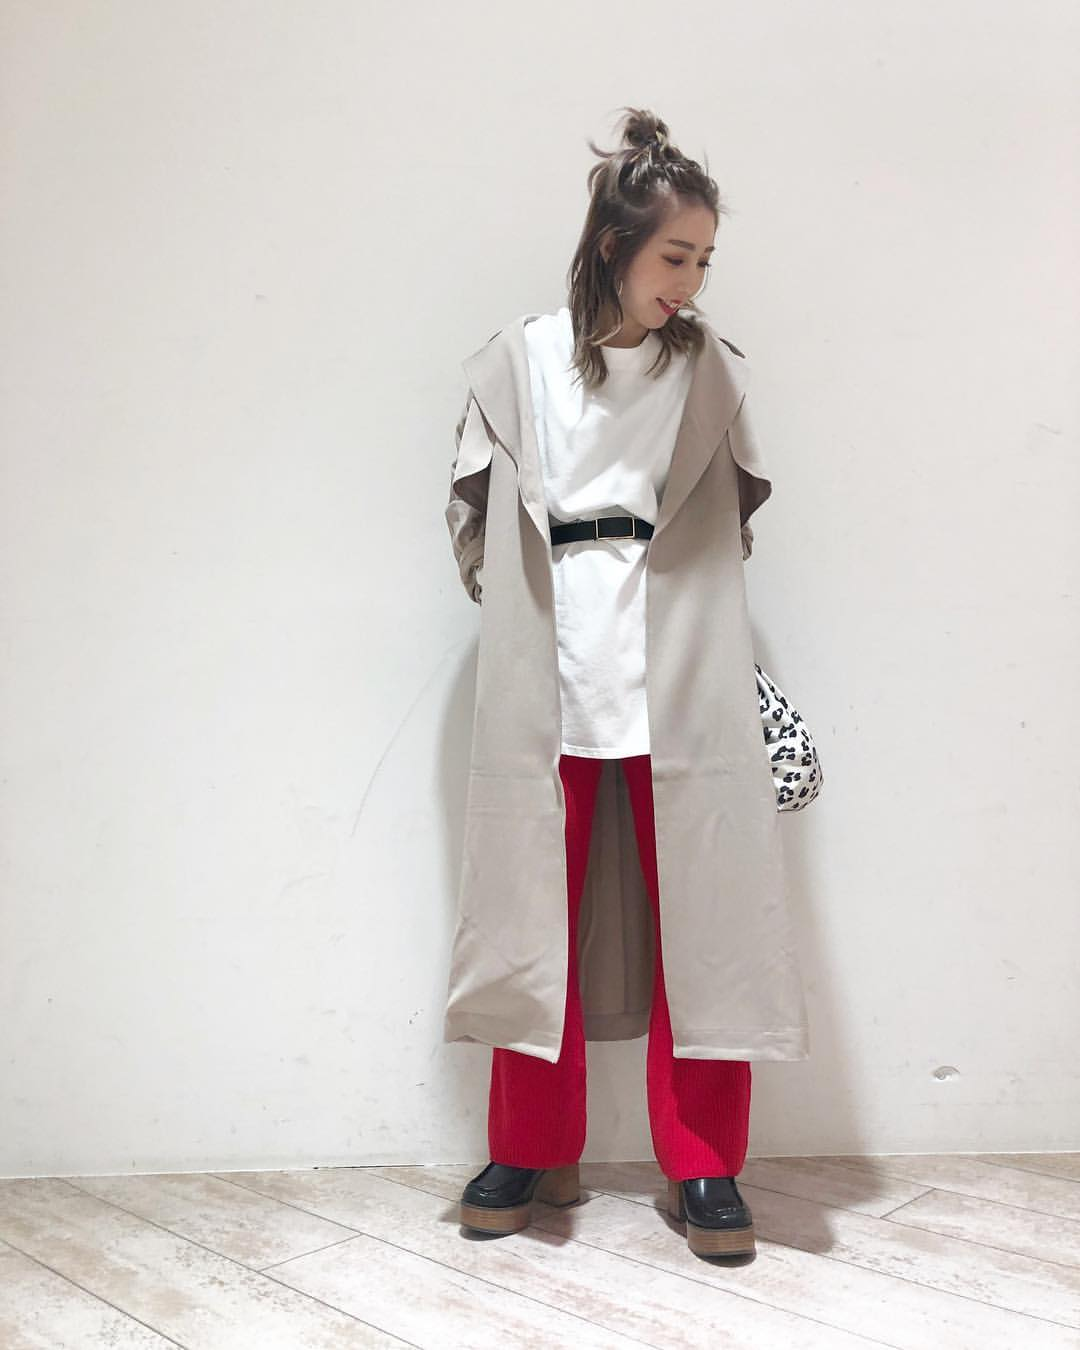 最高気温13度・最低気温6度 akaririri_1022の服装